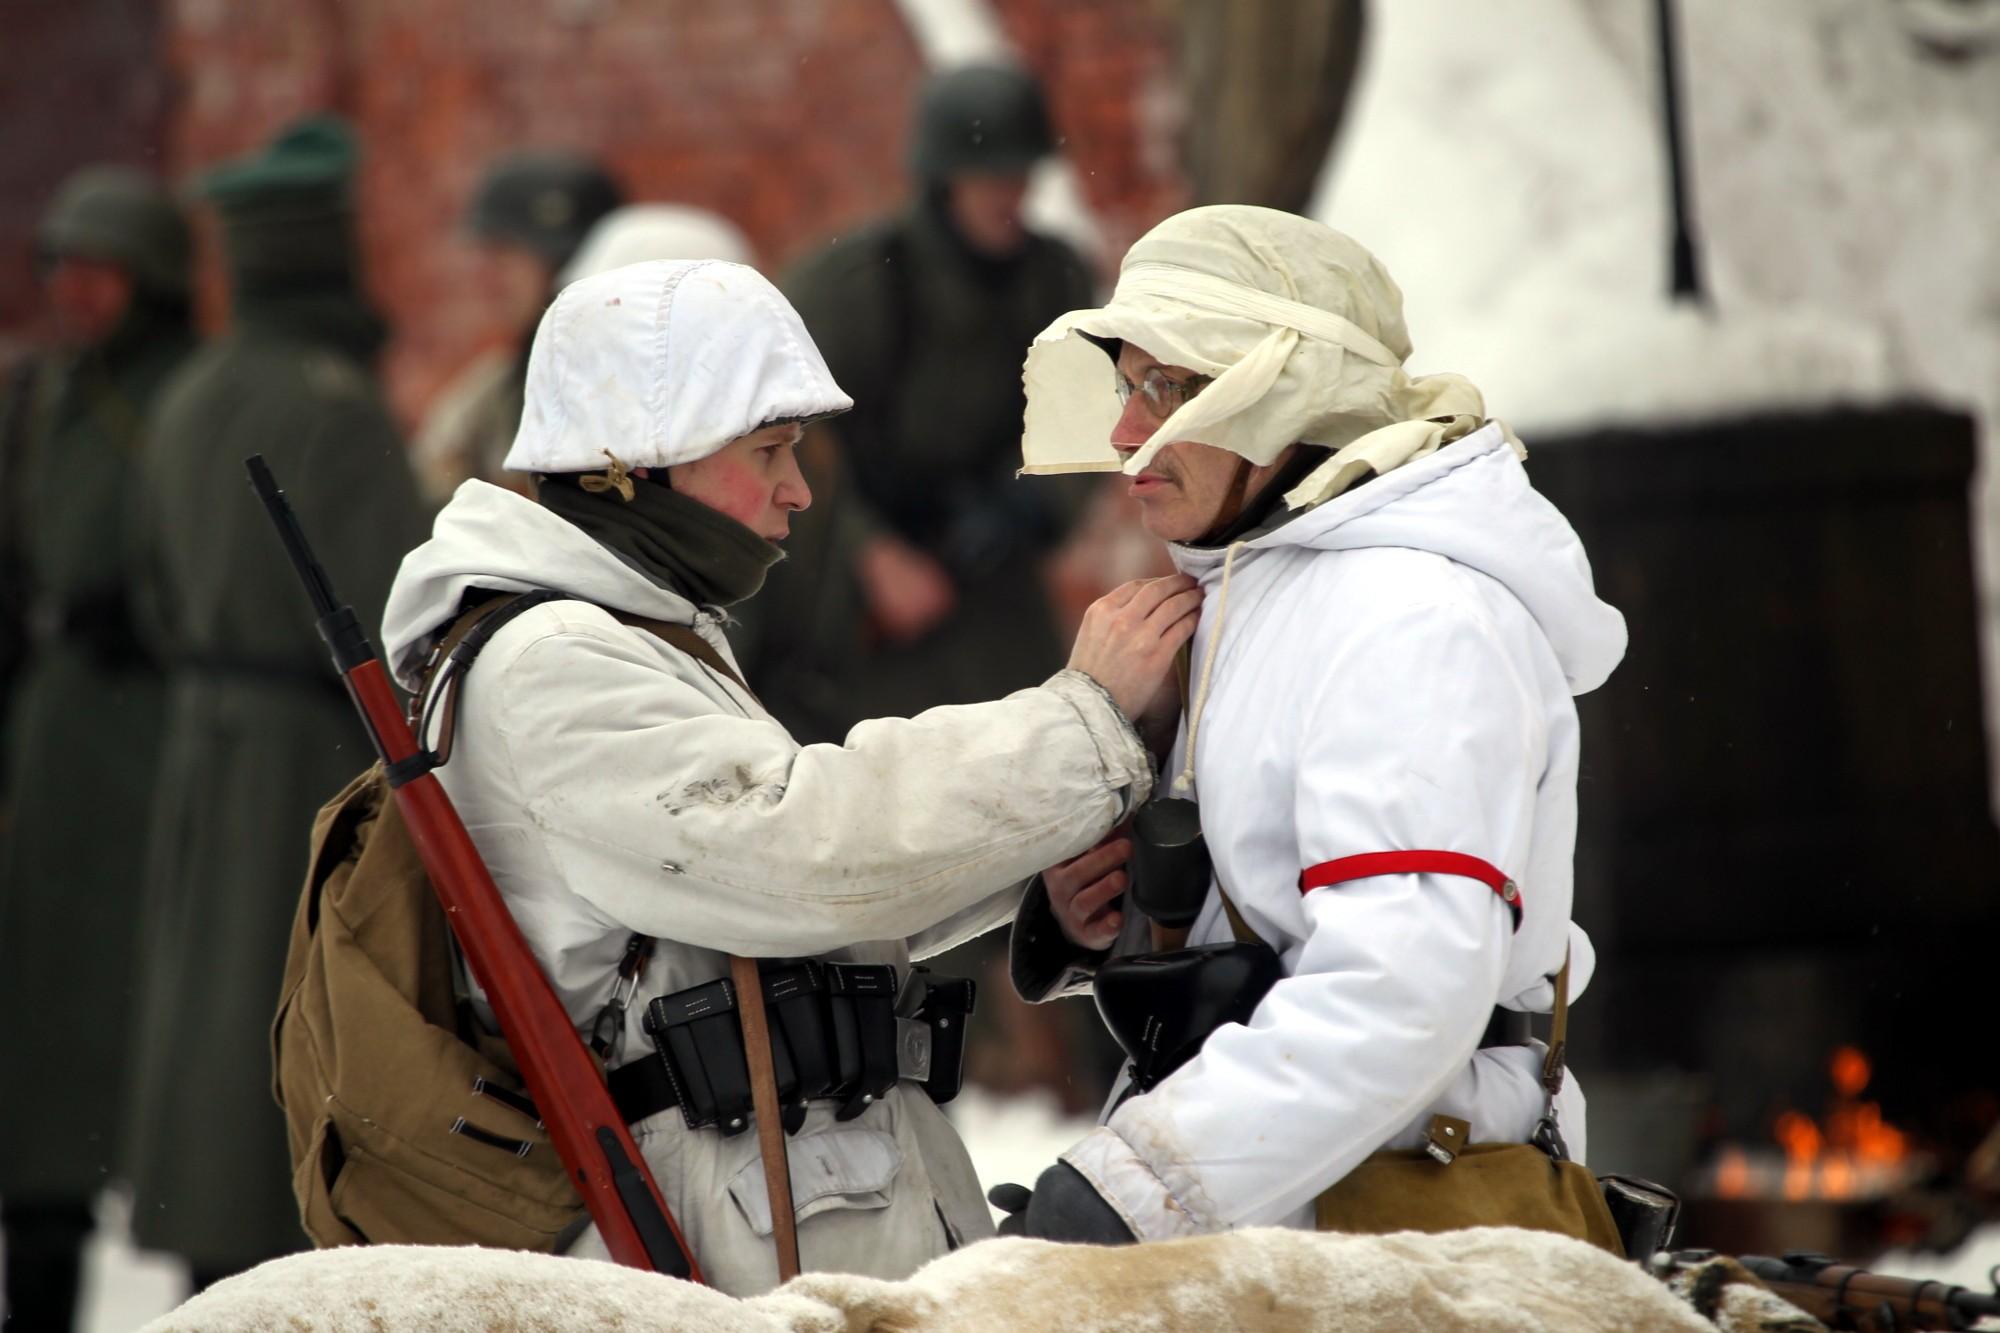 Сегодня вКронштадте пройдет масштабная реконструкция Сталинградской битвы